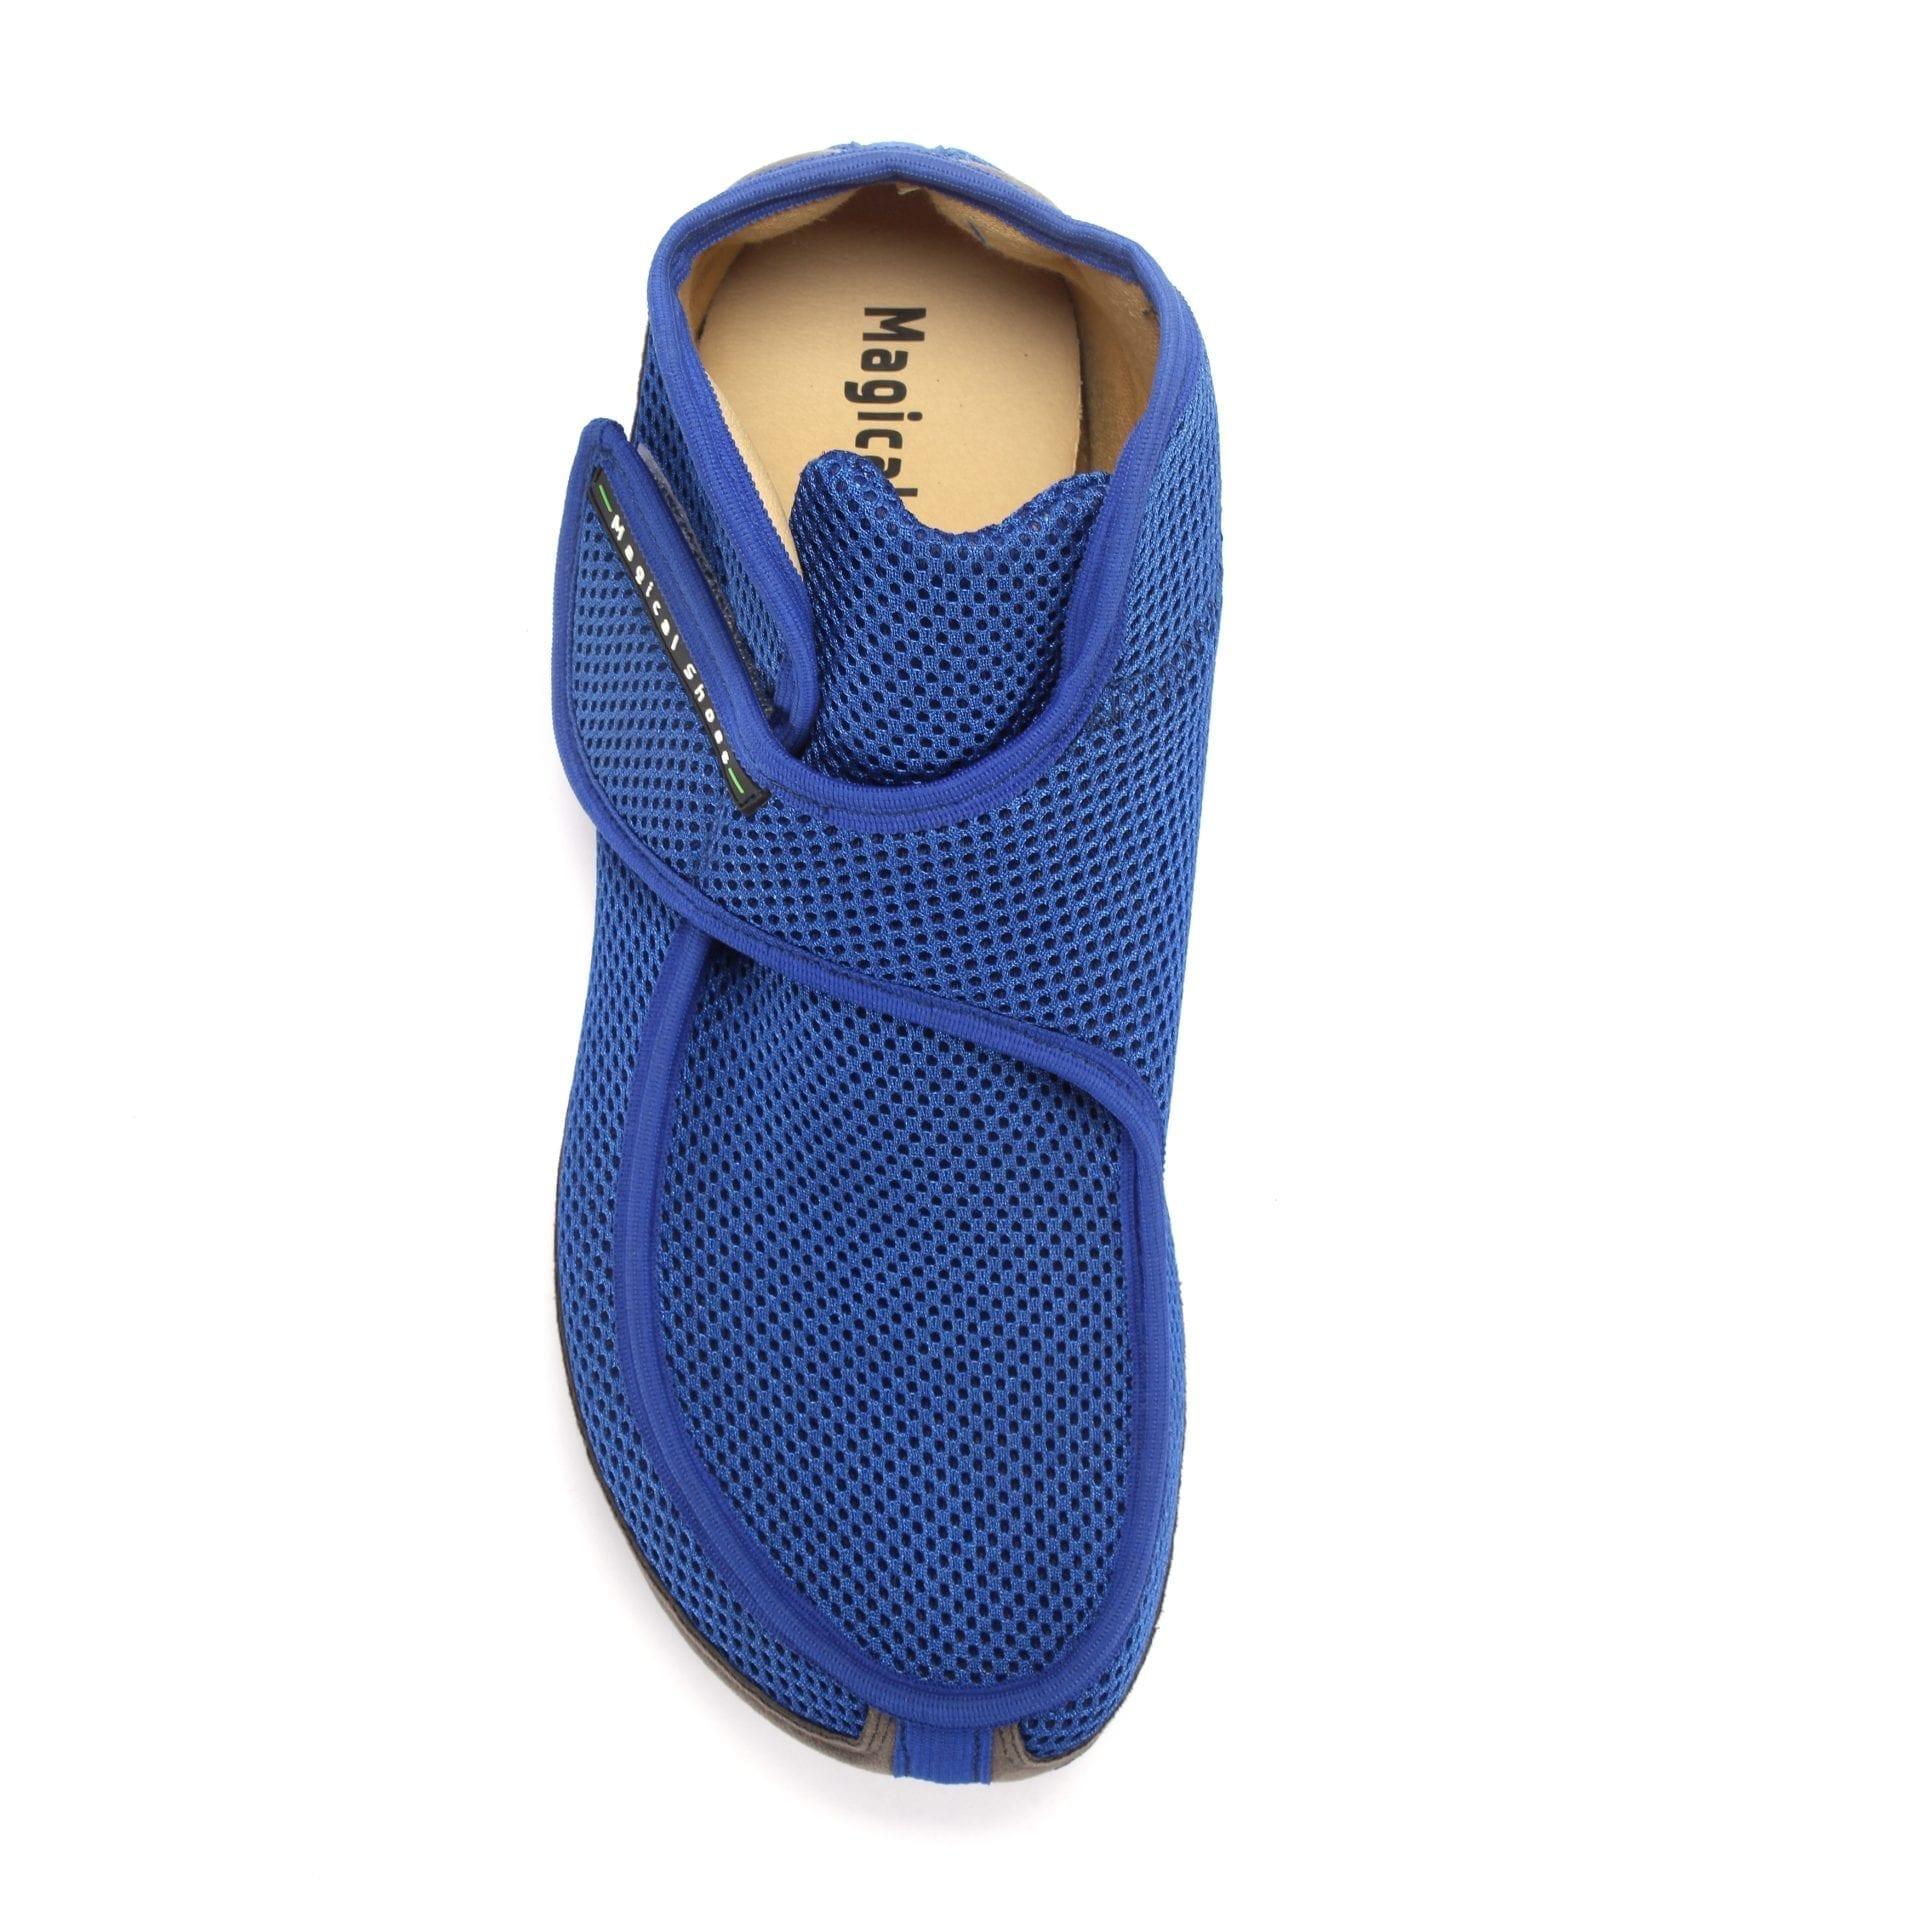 oddychające lekkie buty buty dla chorych stóp zdrowe stopy szerokie buty wygodne buty szerokie memory foam obuwie na rzep